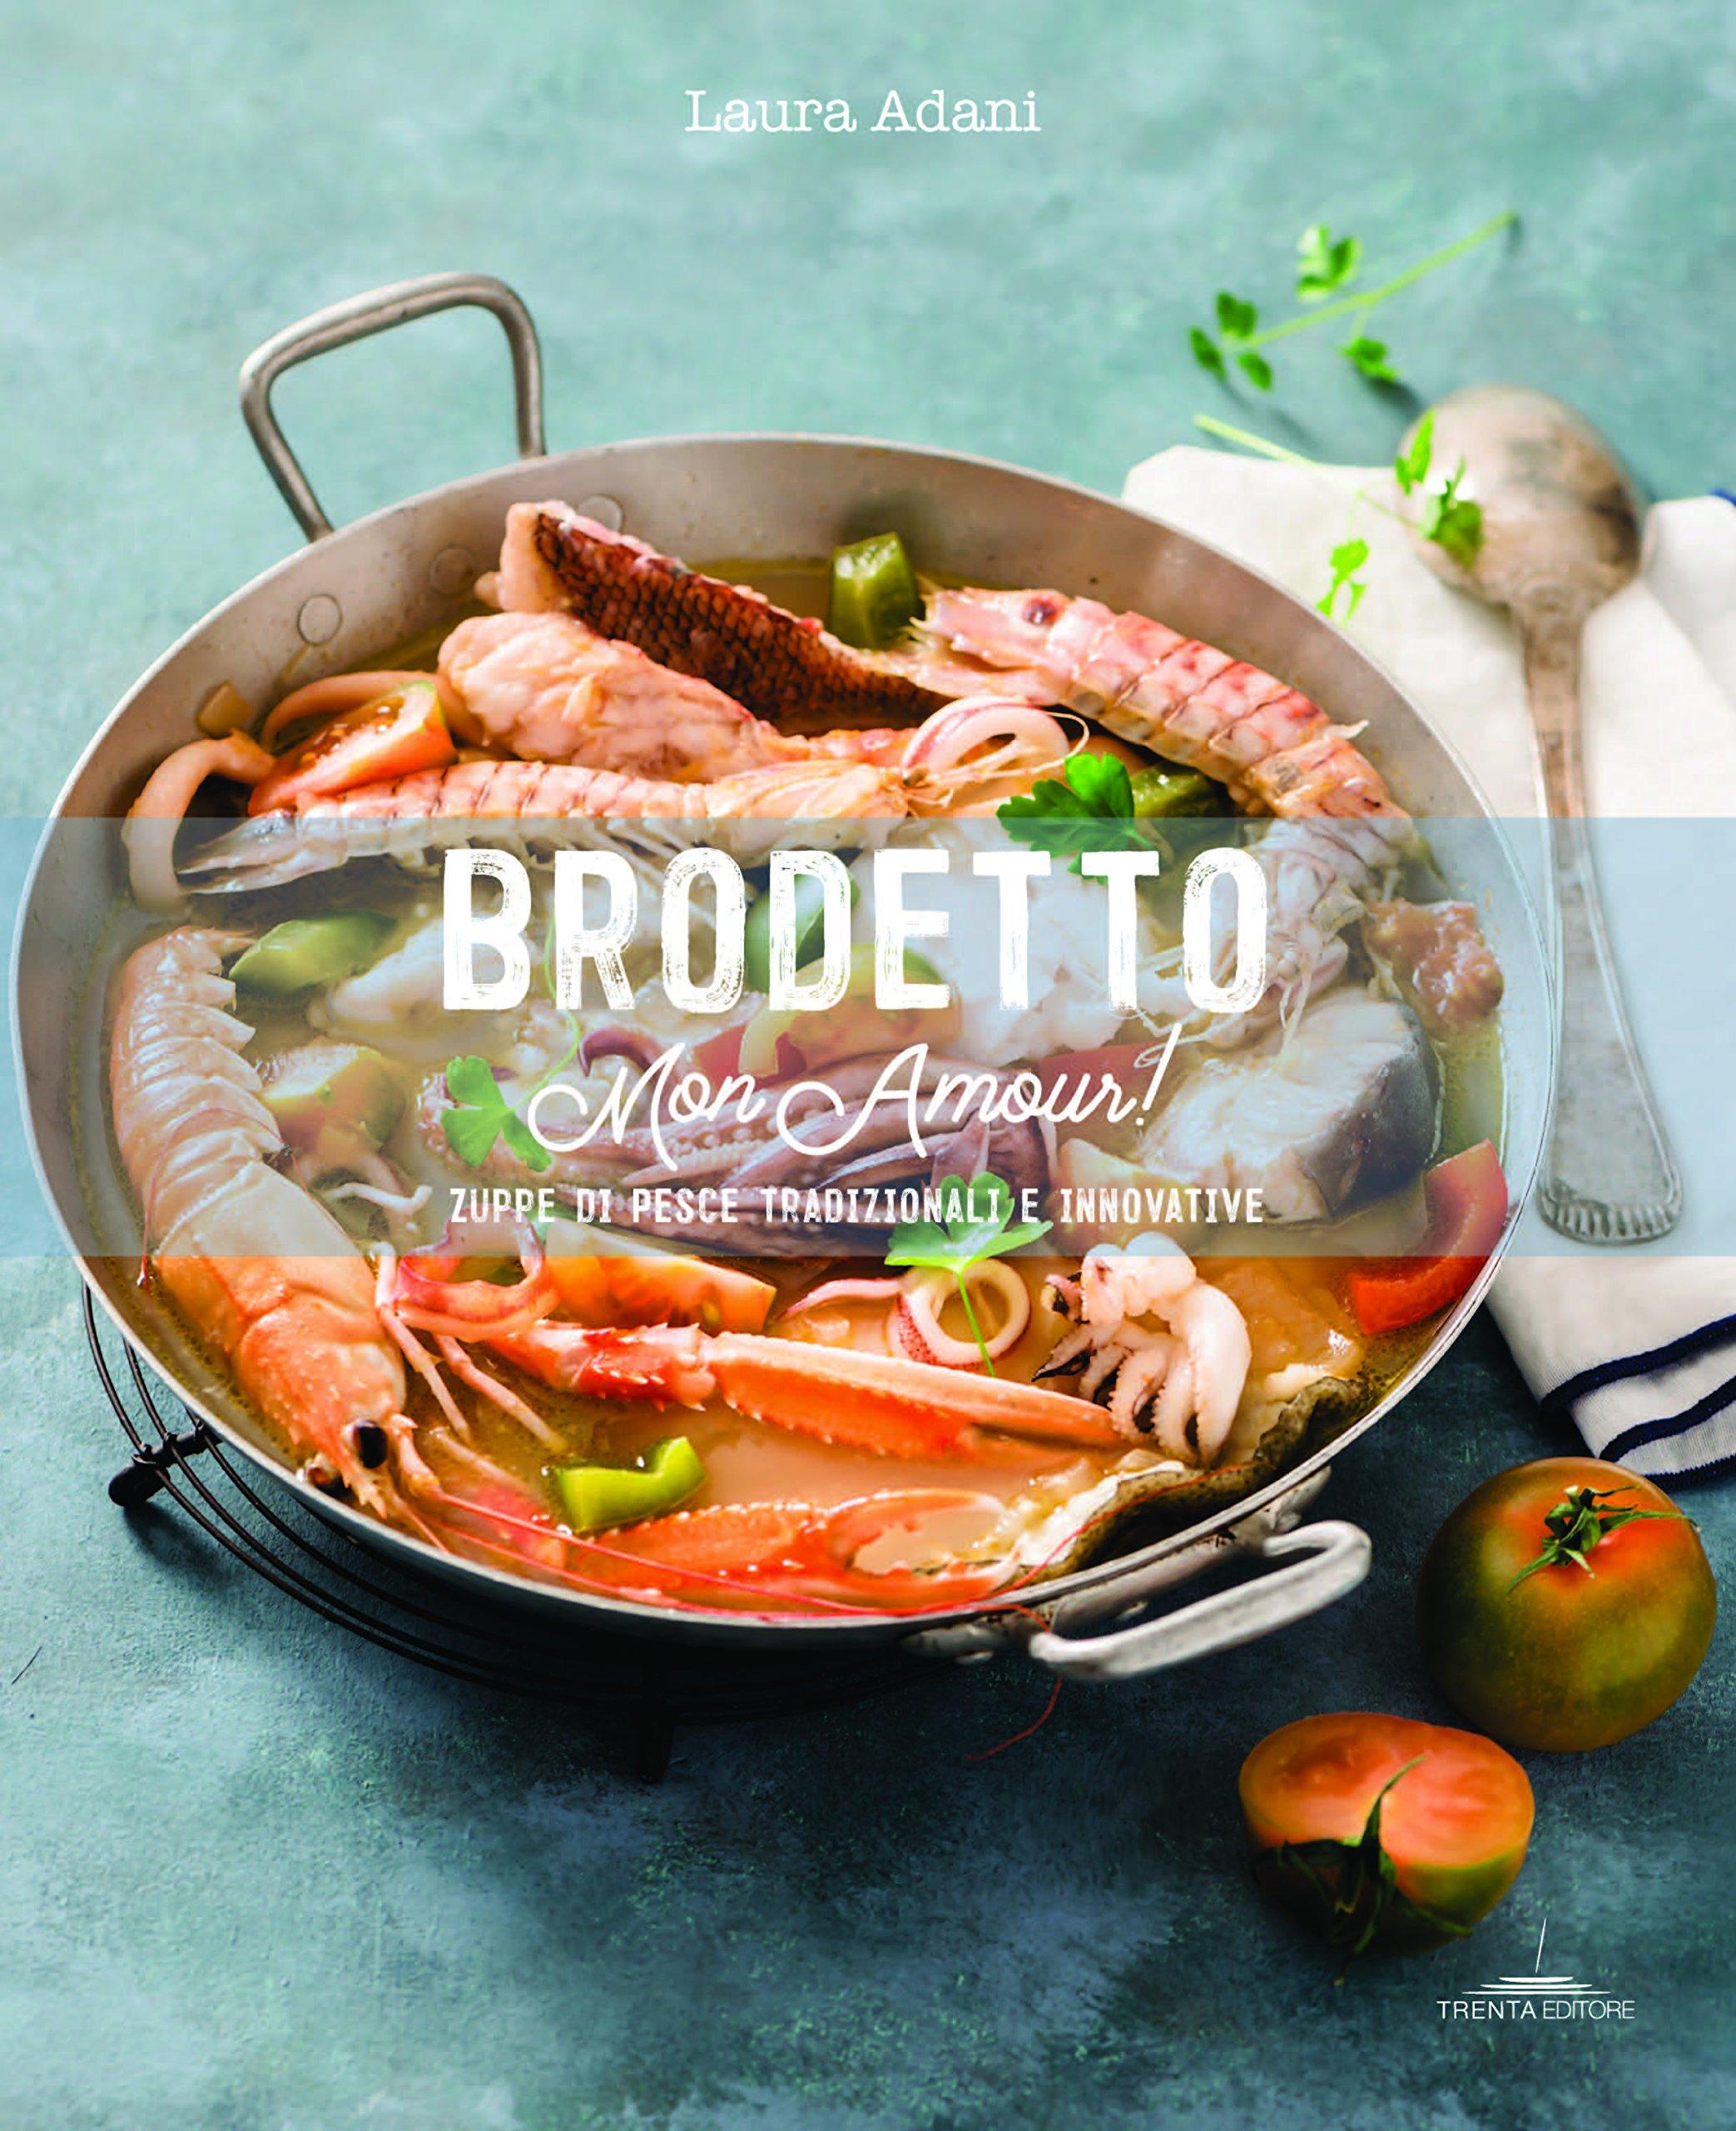 Amazonit Brodetto Mon Amour Zuppe Di Pesce Tradizionali E